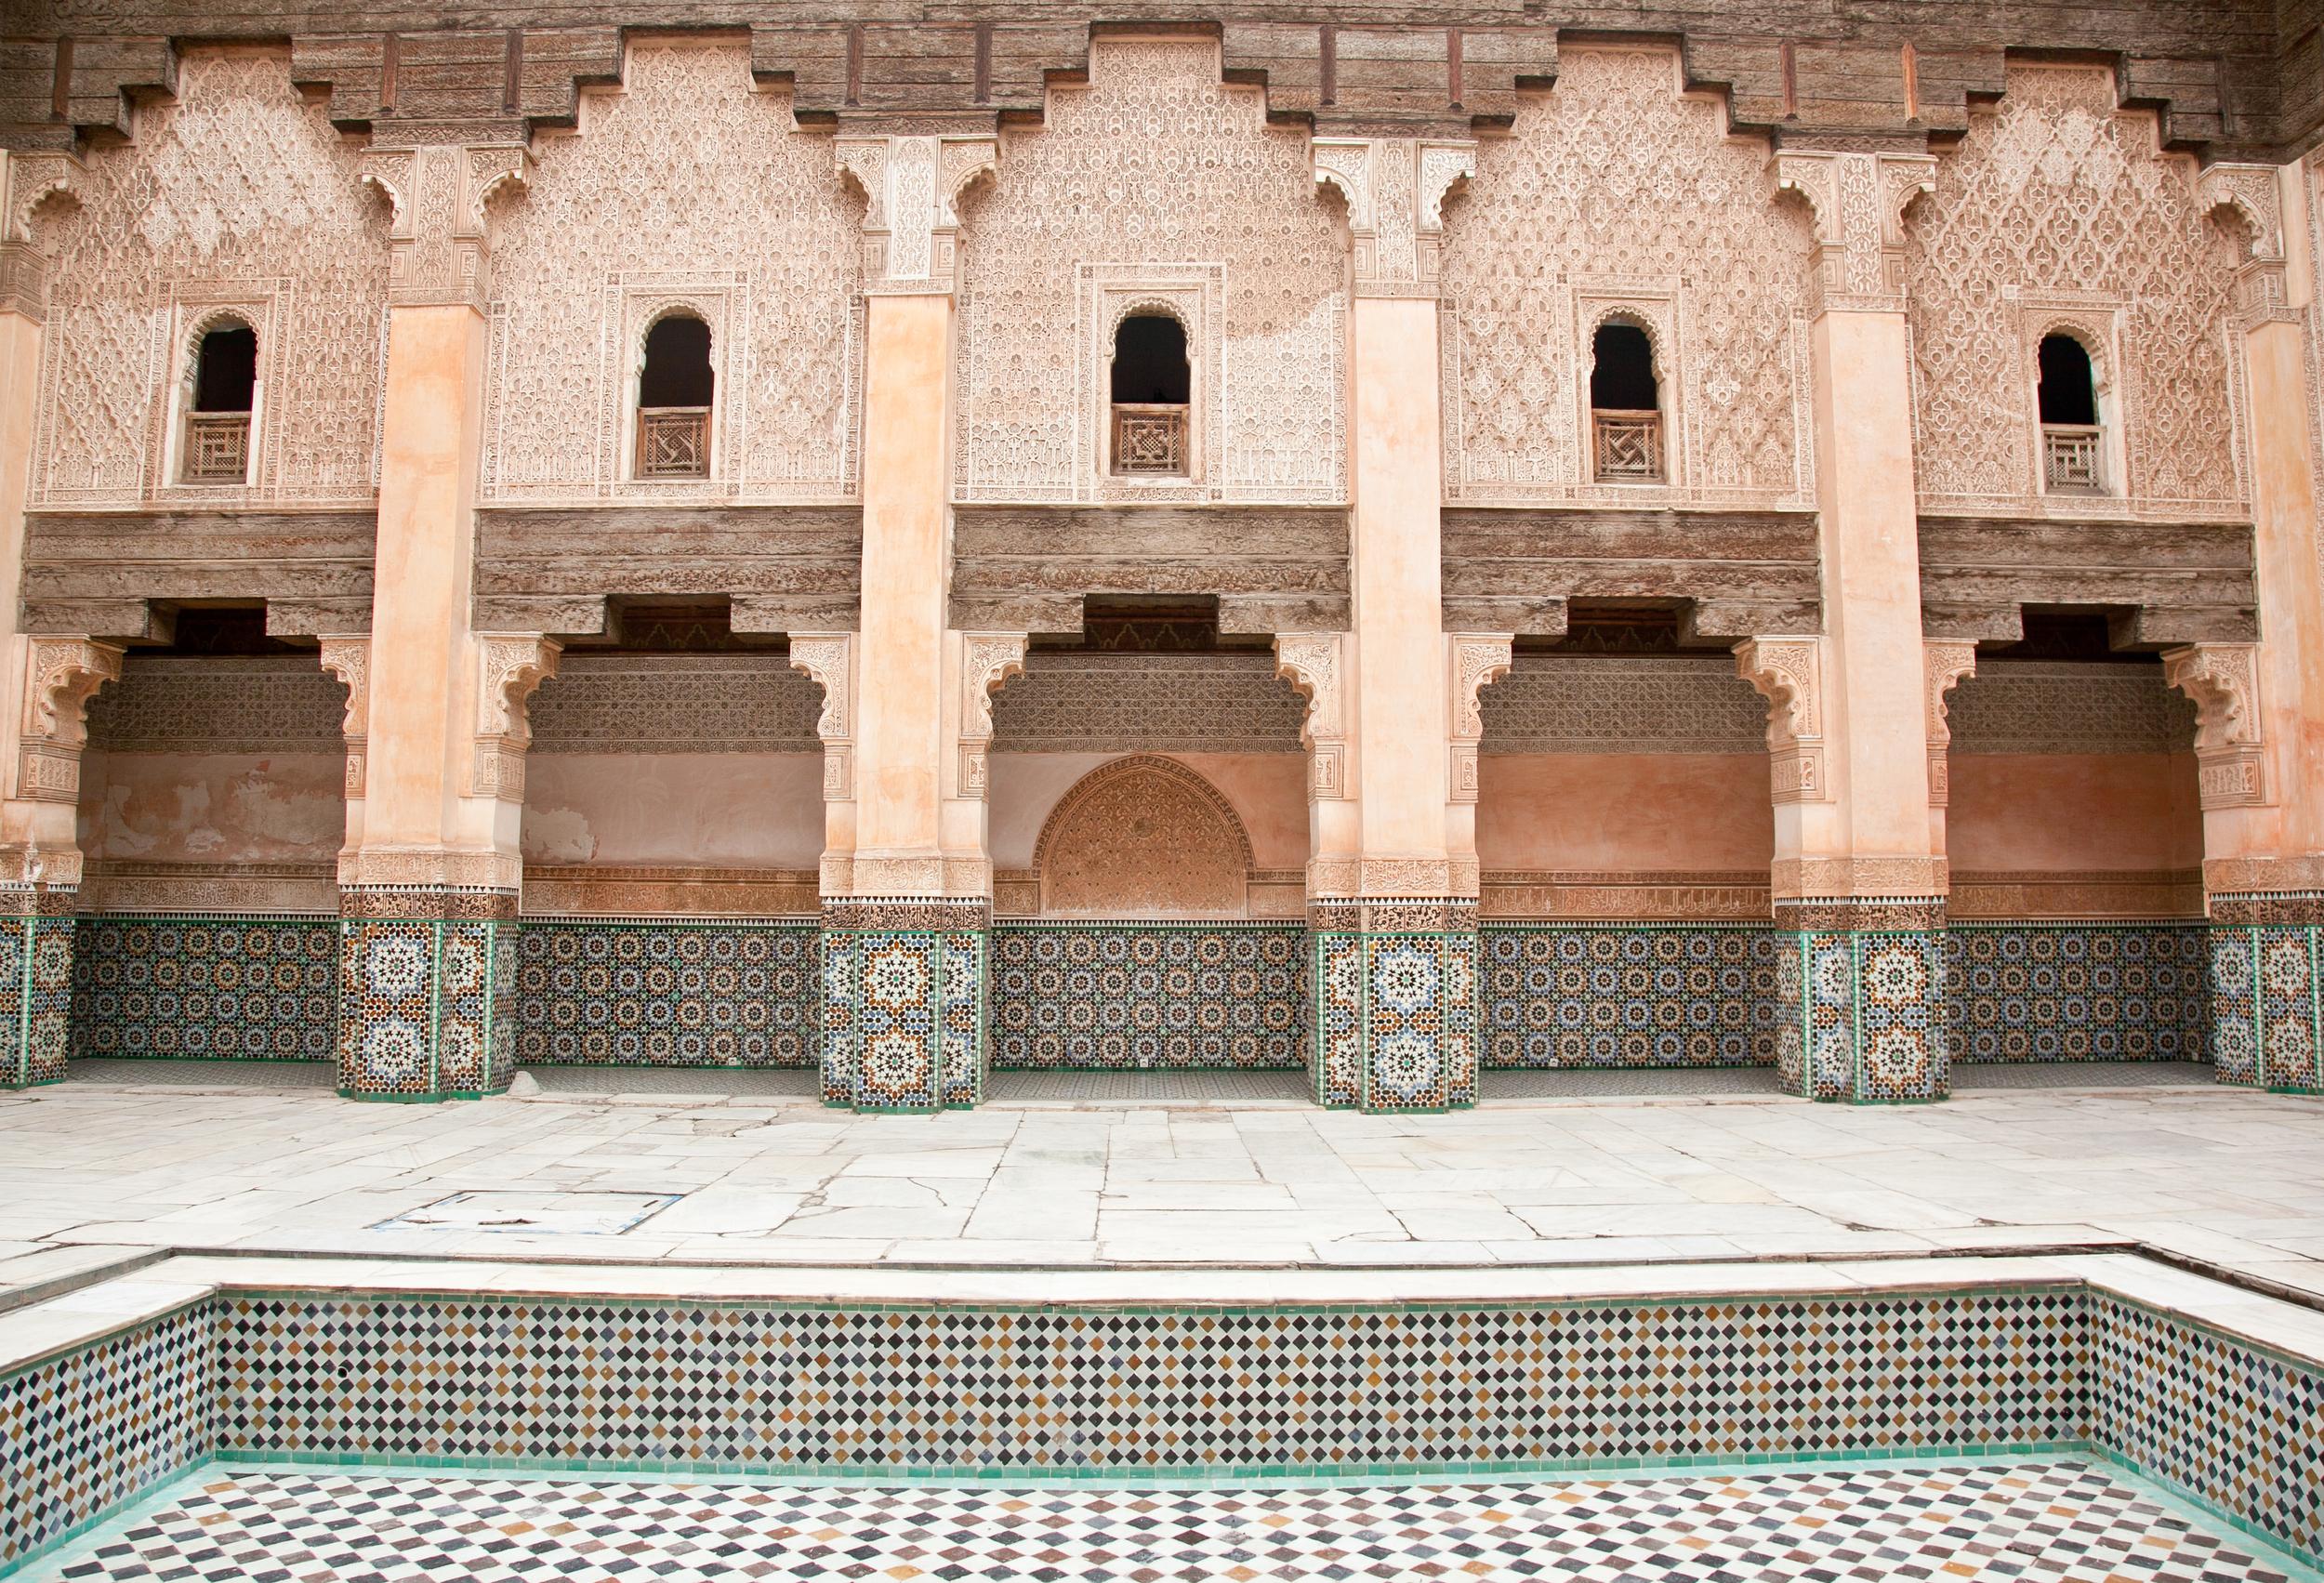 trisa-taro-marrakech-morocco-IMG_2920.jpg